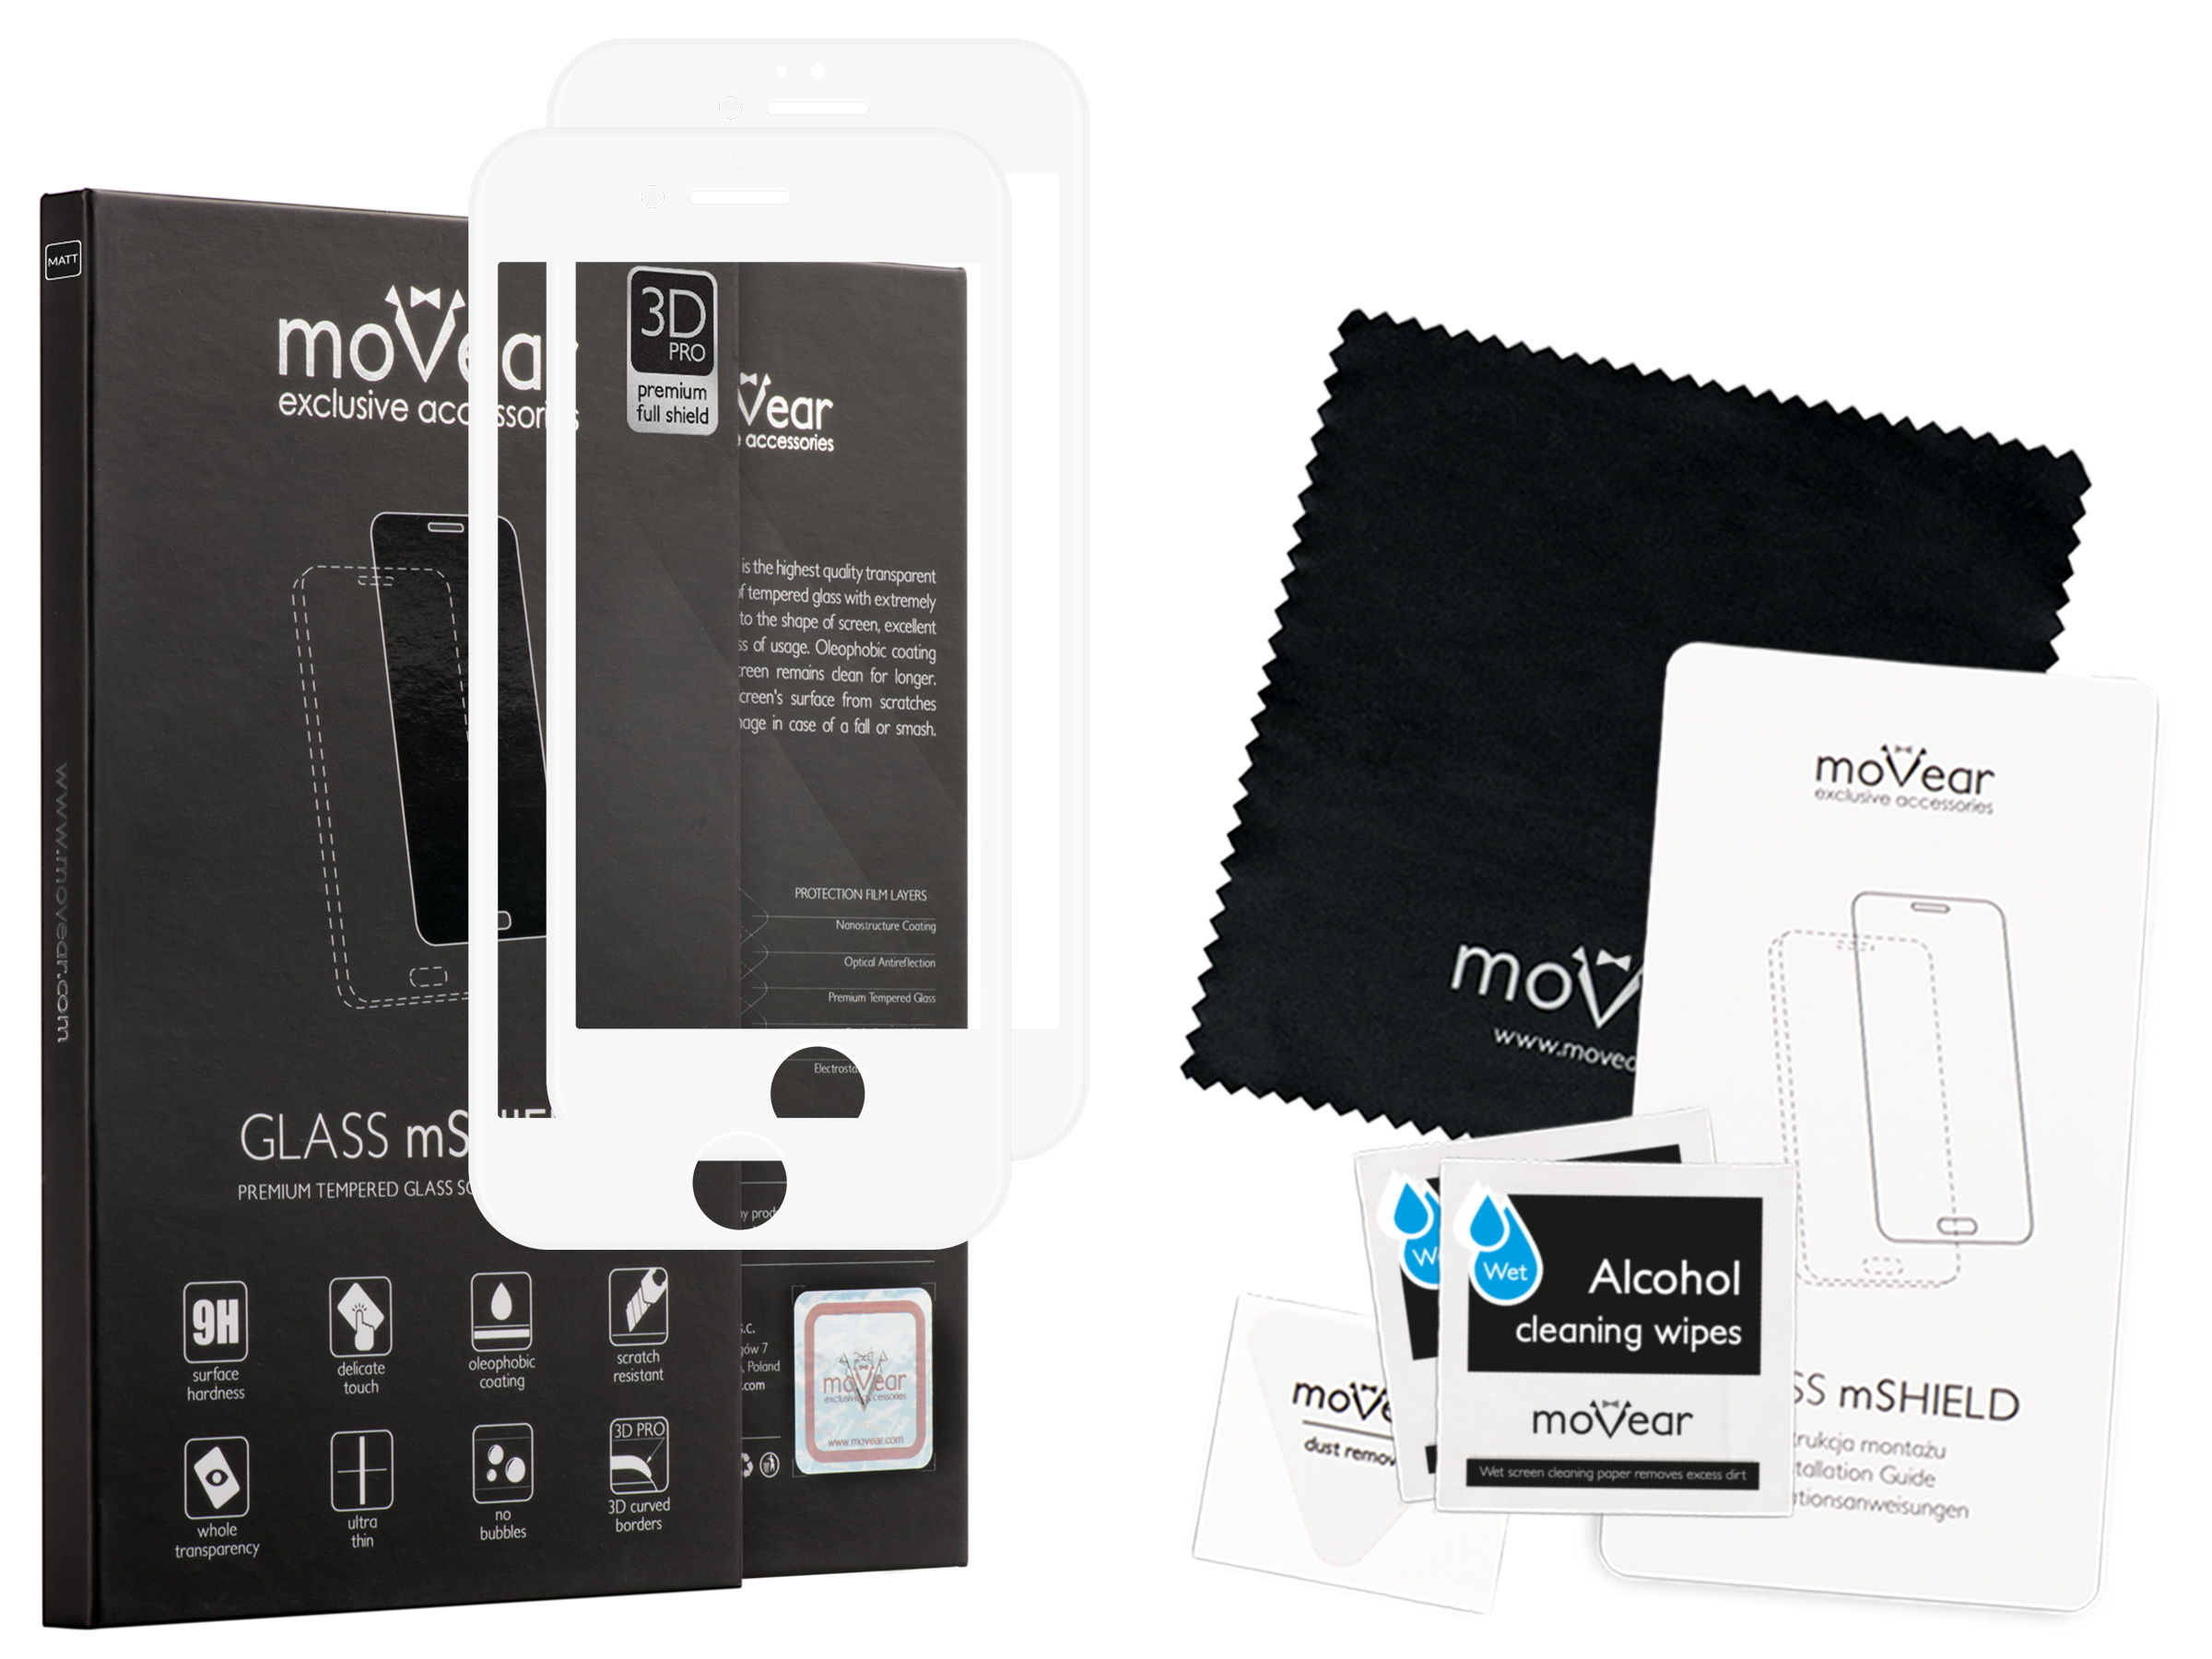 2 szt. | moVear Matowe Szkło Hartowane 3D PRO MATT na Apple iPhone 6 / 6s | na Cały Ekran, Antyrefleksyjne, 9H | GLASS mSHIELD Biały